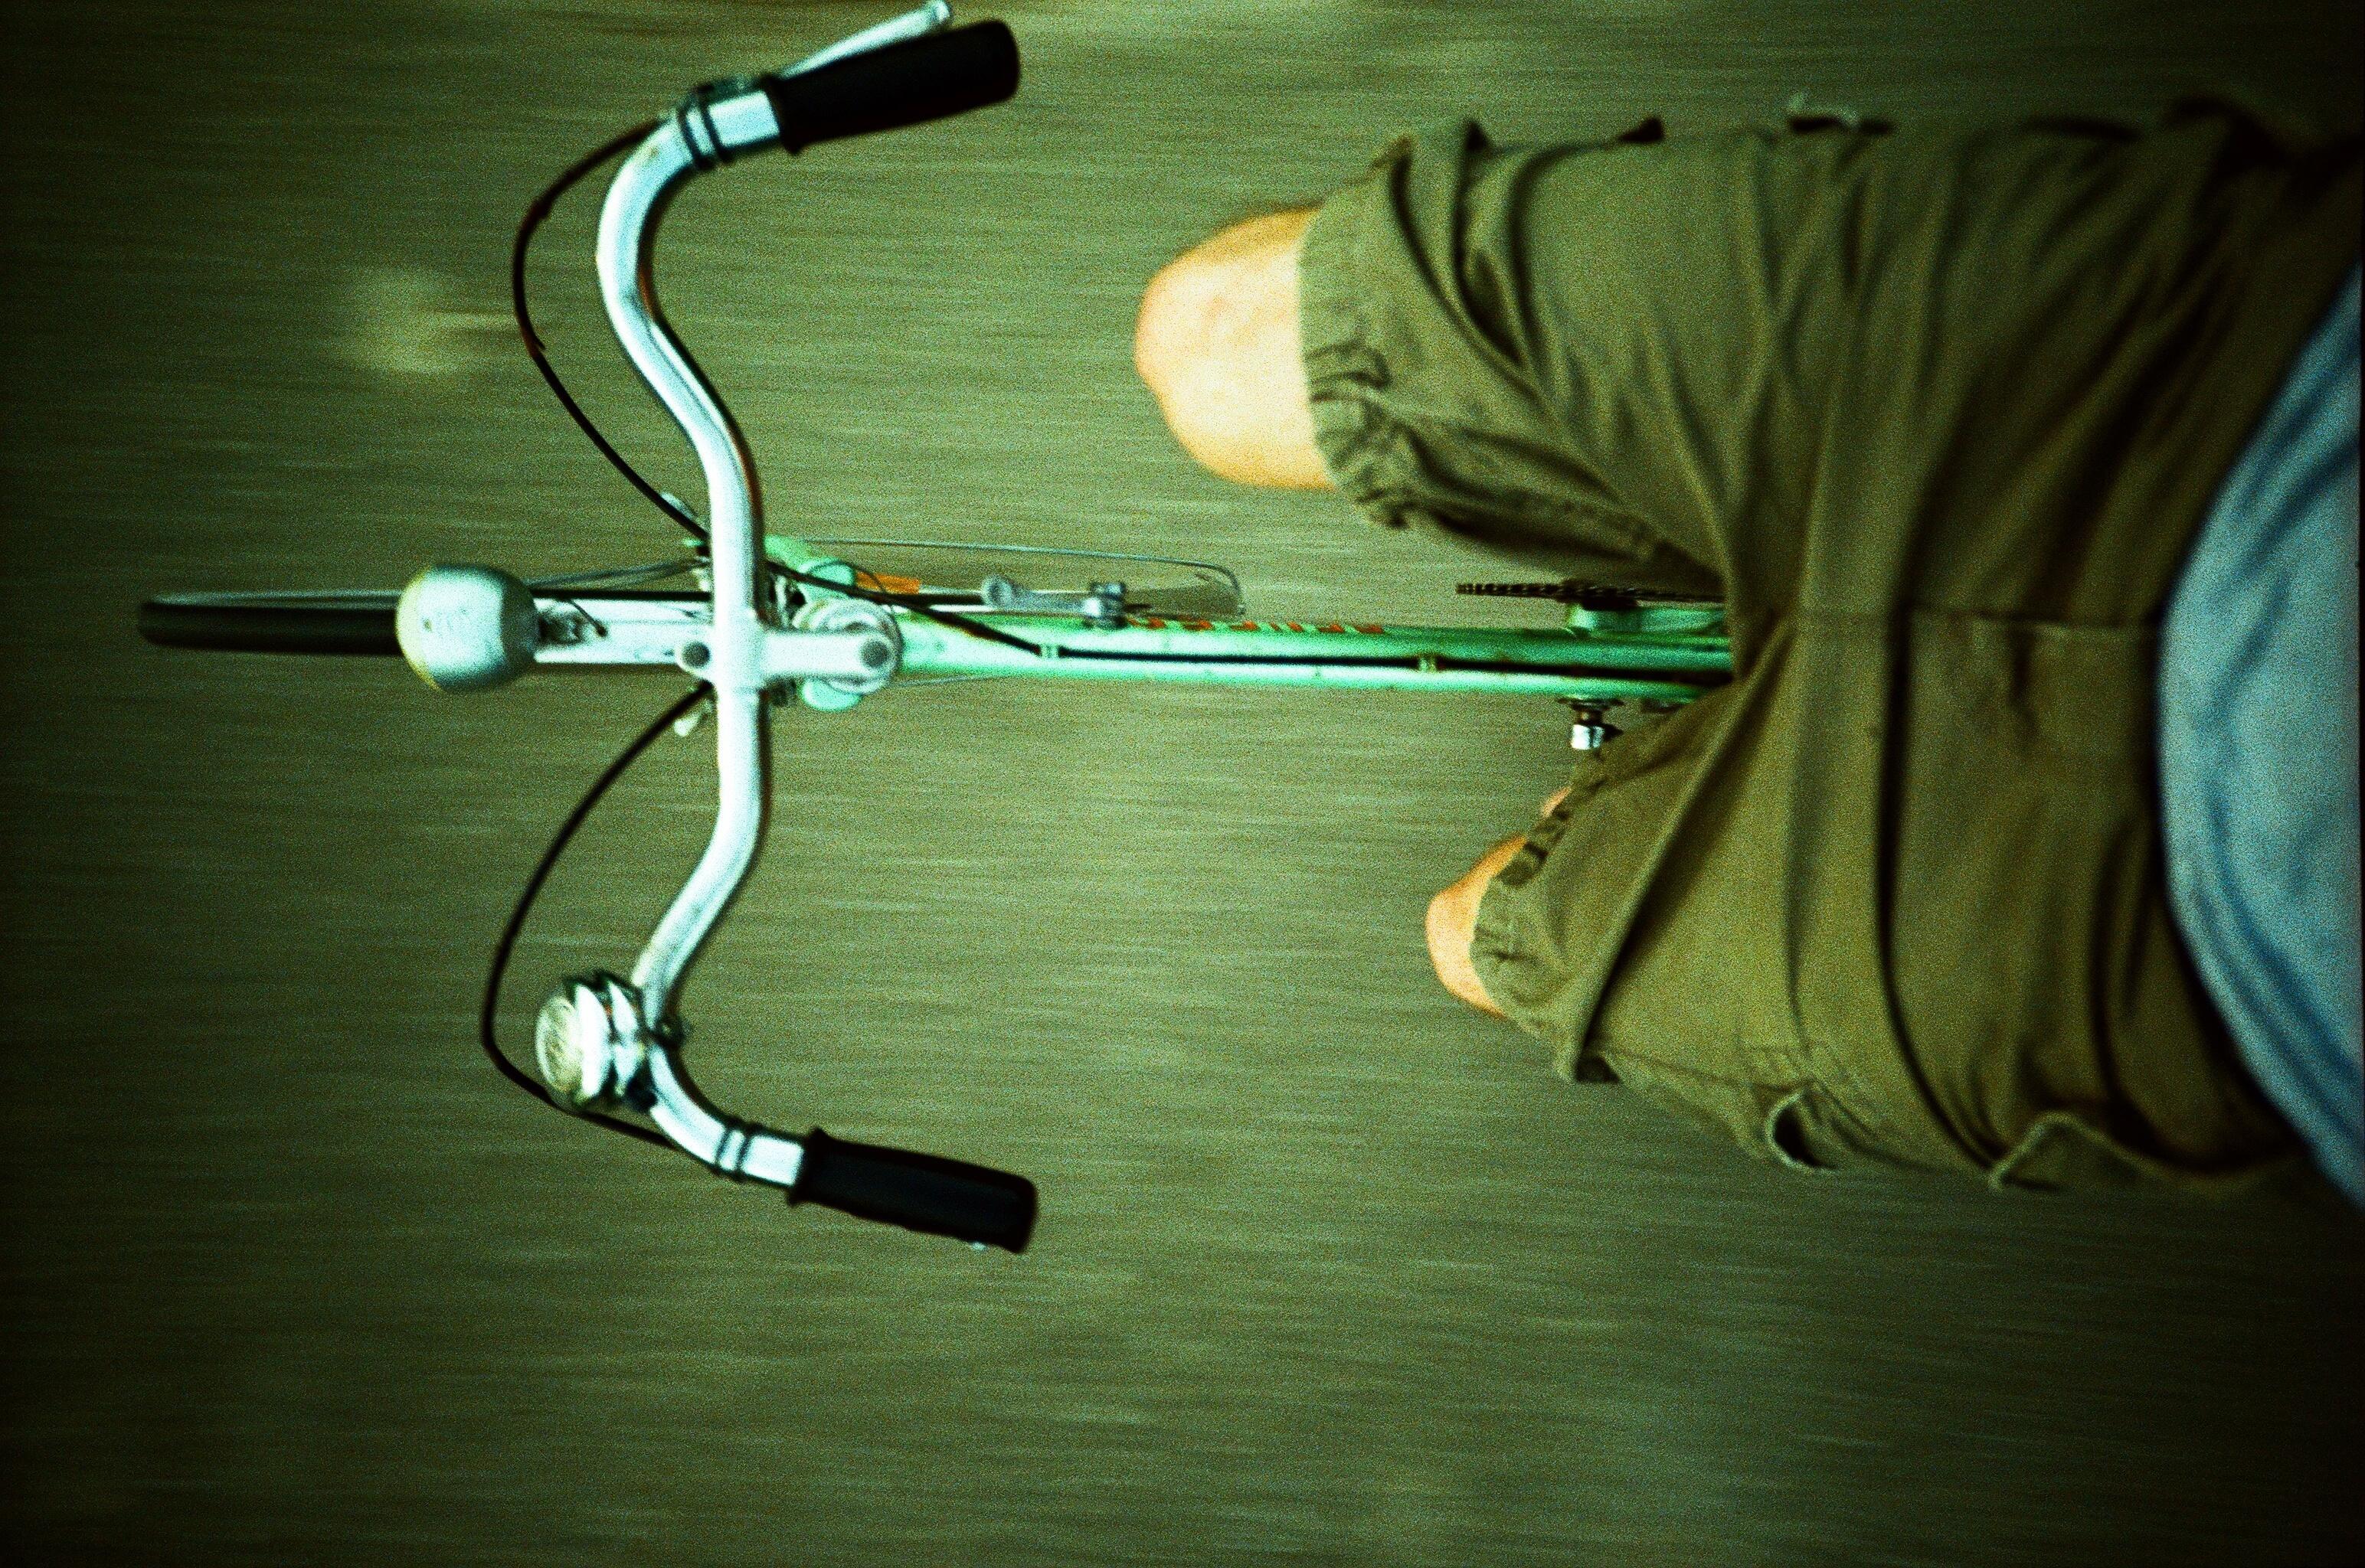 Alle Größen | too fast | Lomo LC-A+ | Flickr - Fotosharing!